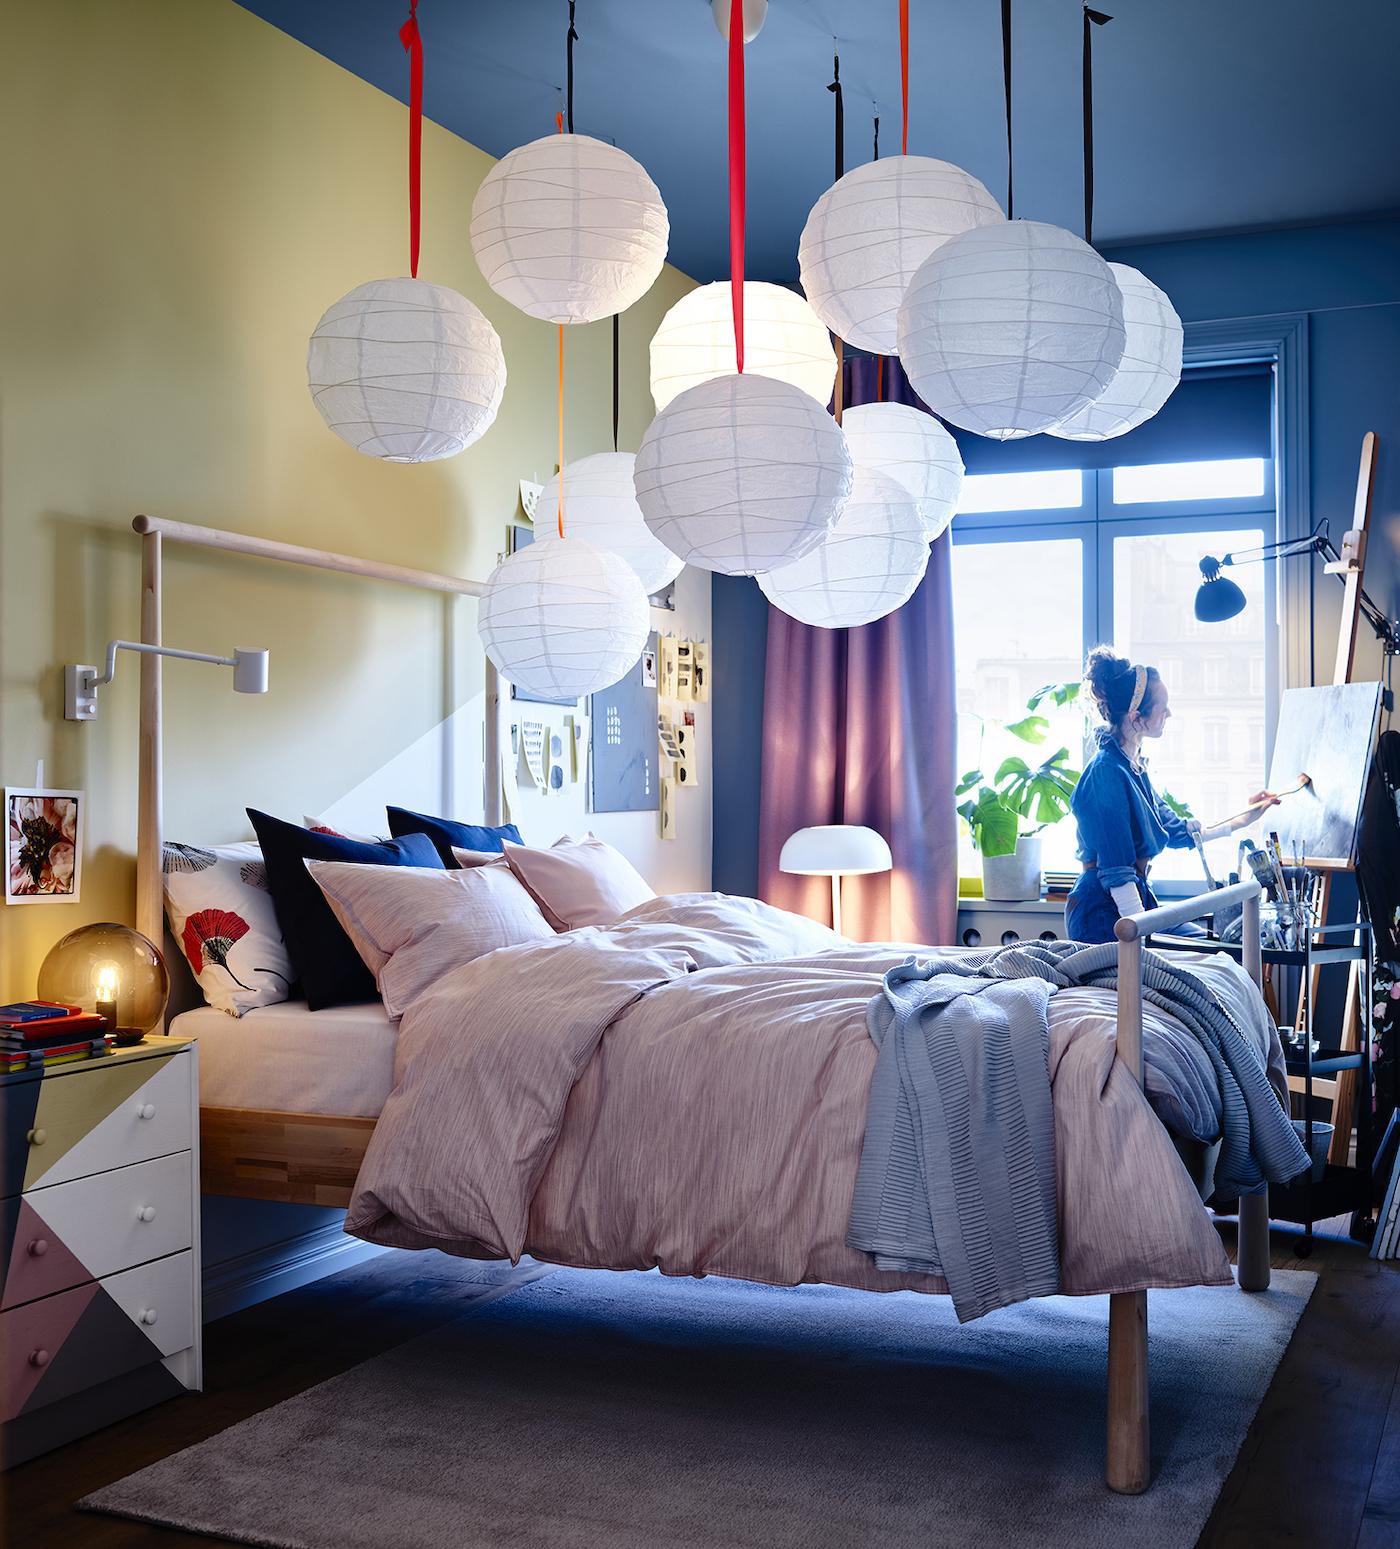 Nuevo catálogo IKEA 2020 dormitorios. Dormitorio con cómoda pintada